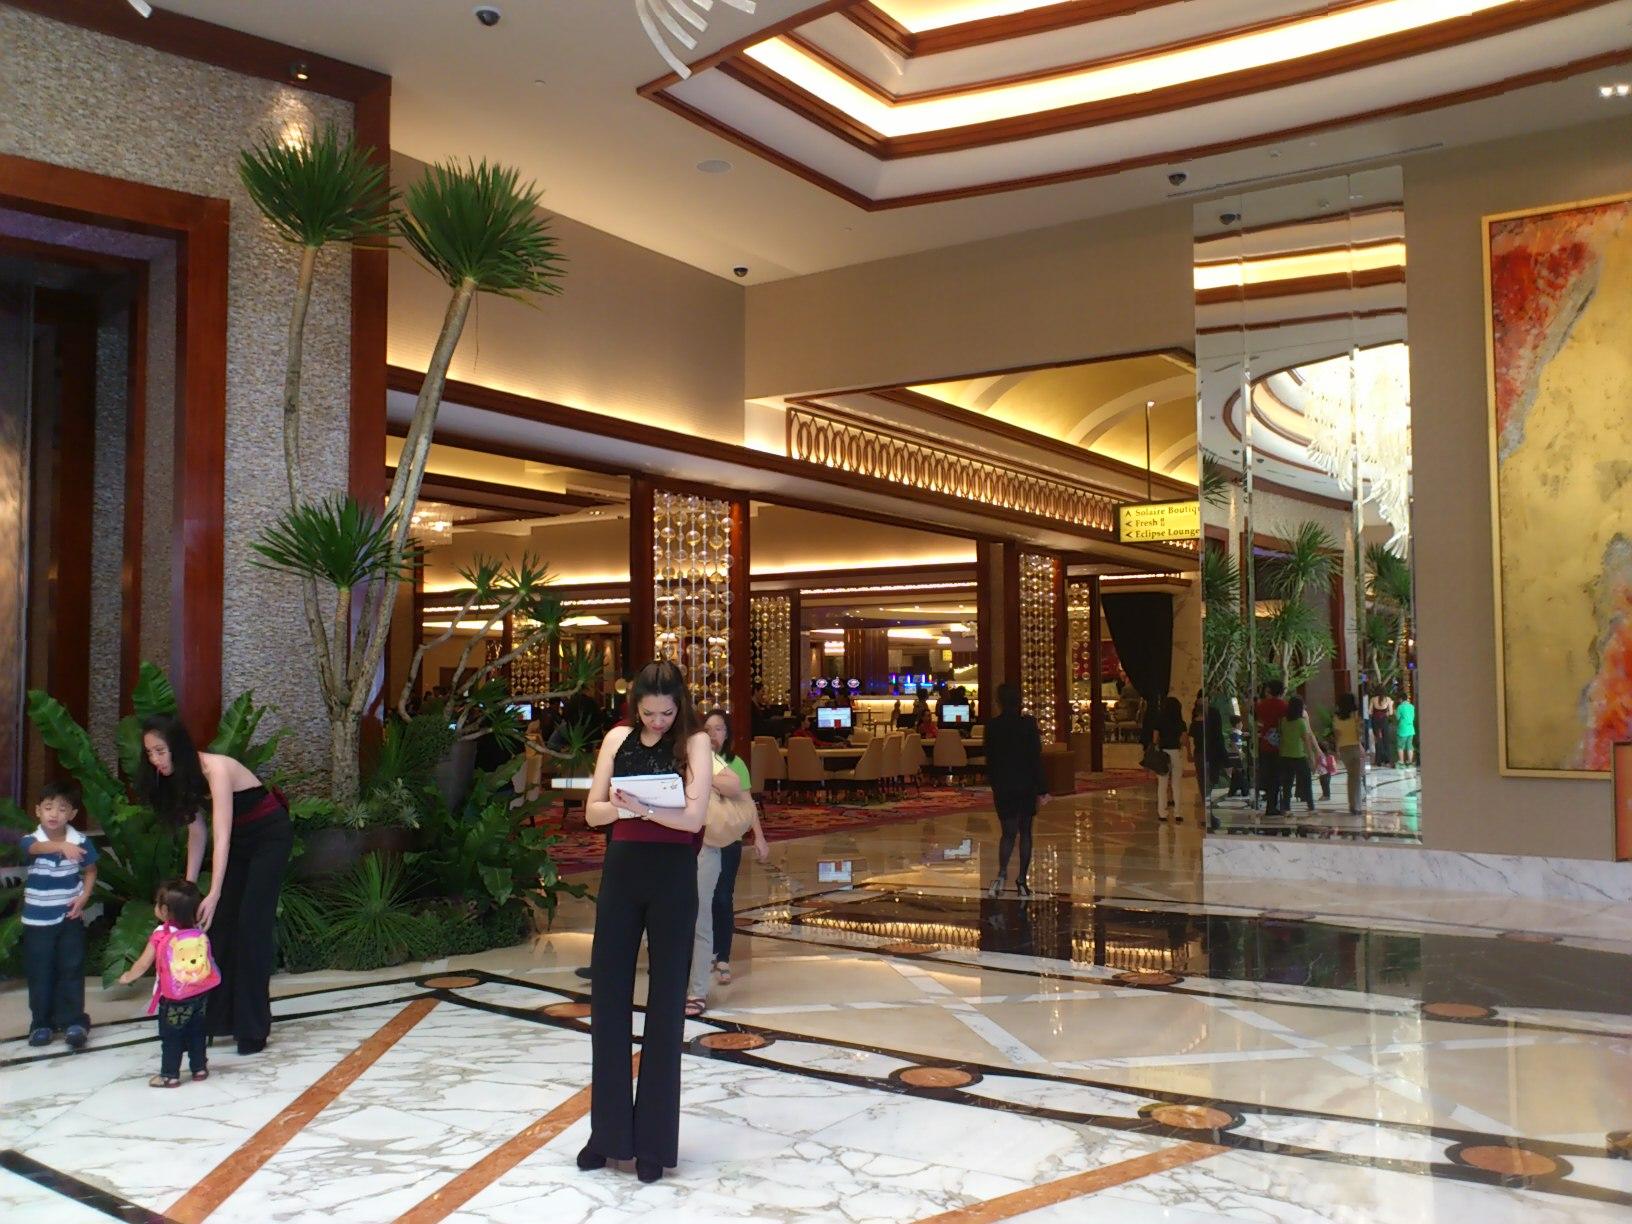 DSC 1865 マニラに出来た新しいカジノリゾート Solaire Resorts & Casino